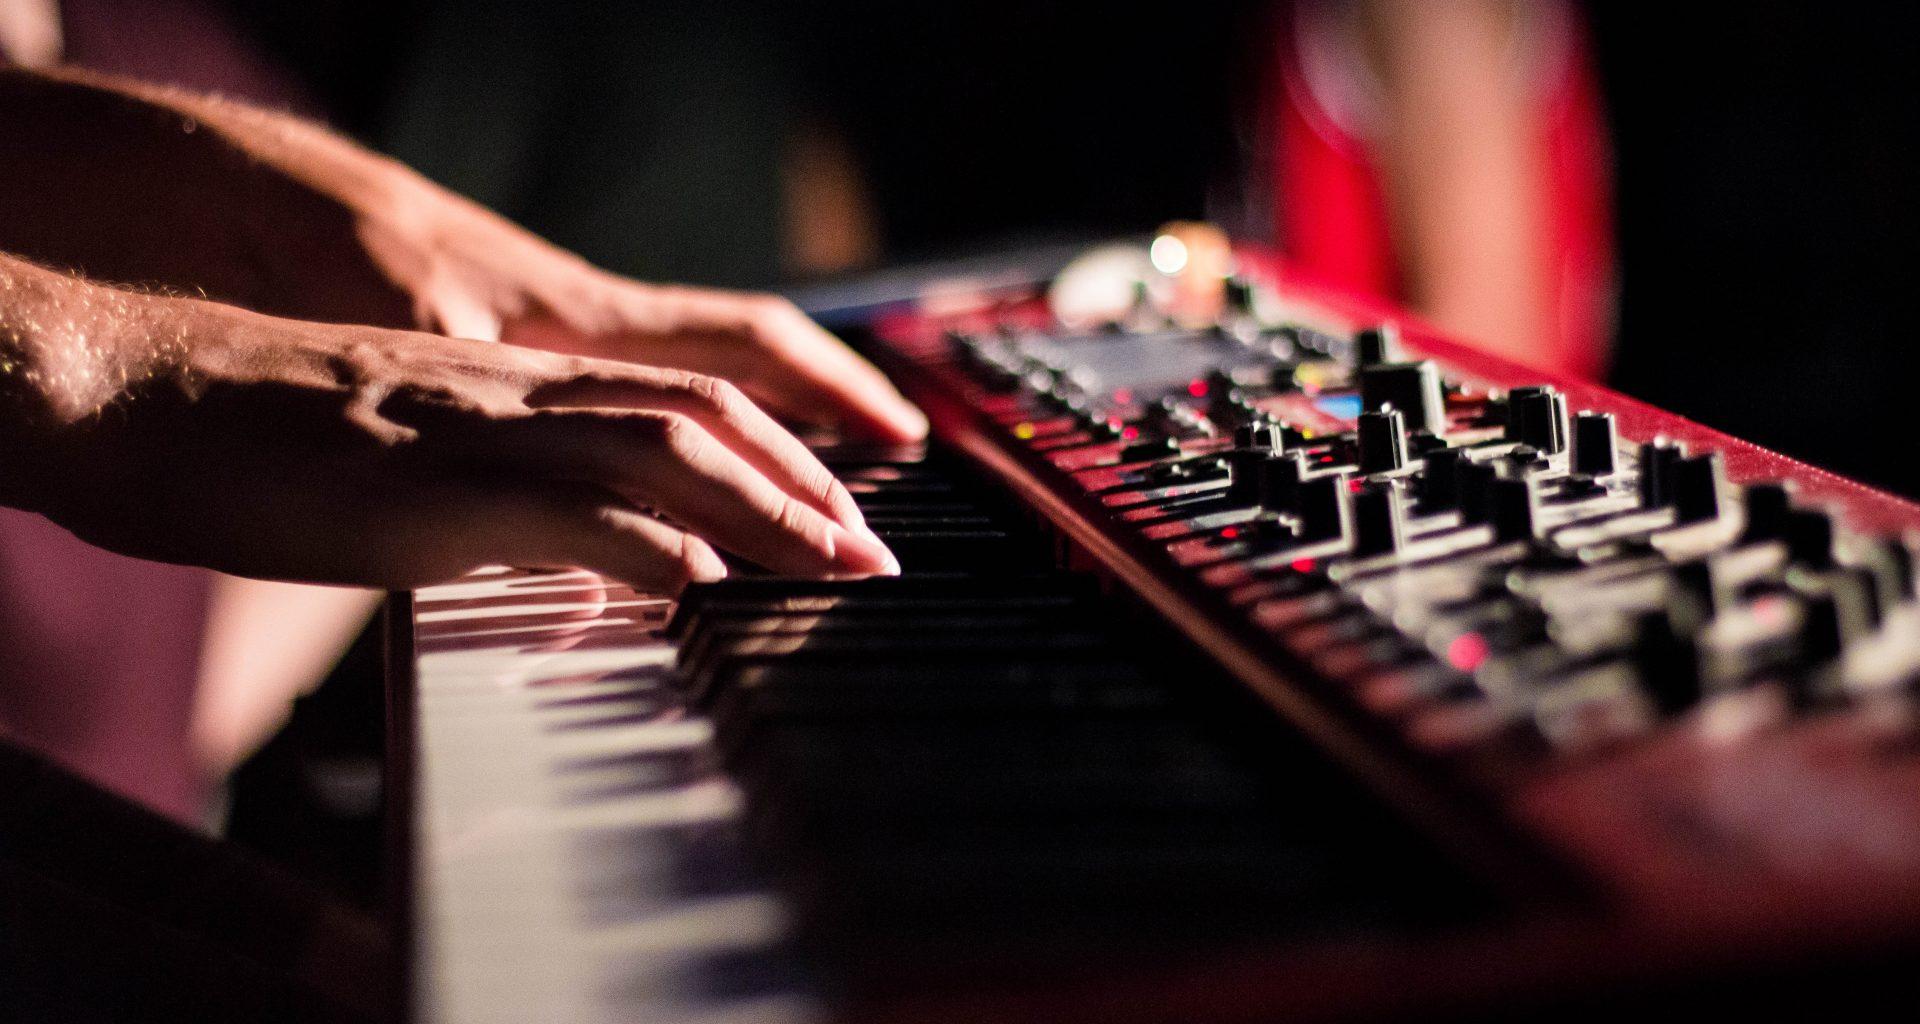 Фриланс для музыкантов: как писать музыку под заказ